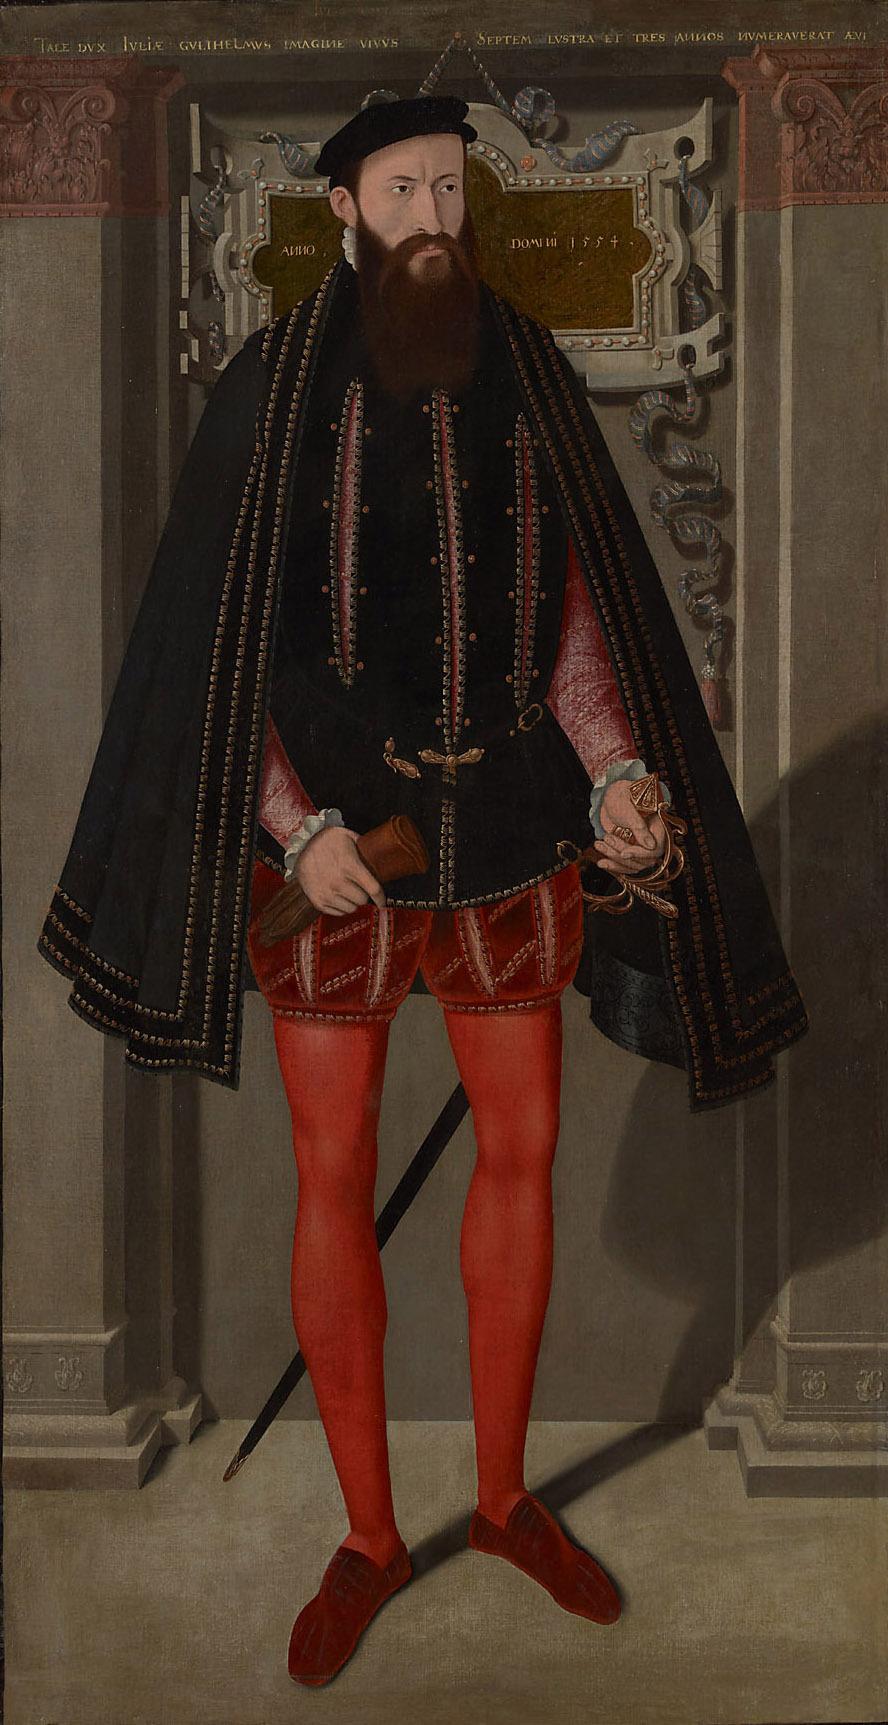 Herzog Wilhelm V. (1516-1592) von Jülich-Cleve-Berg, in ganzer Figur von Norddeutsch